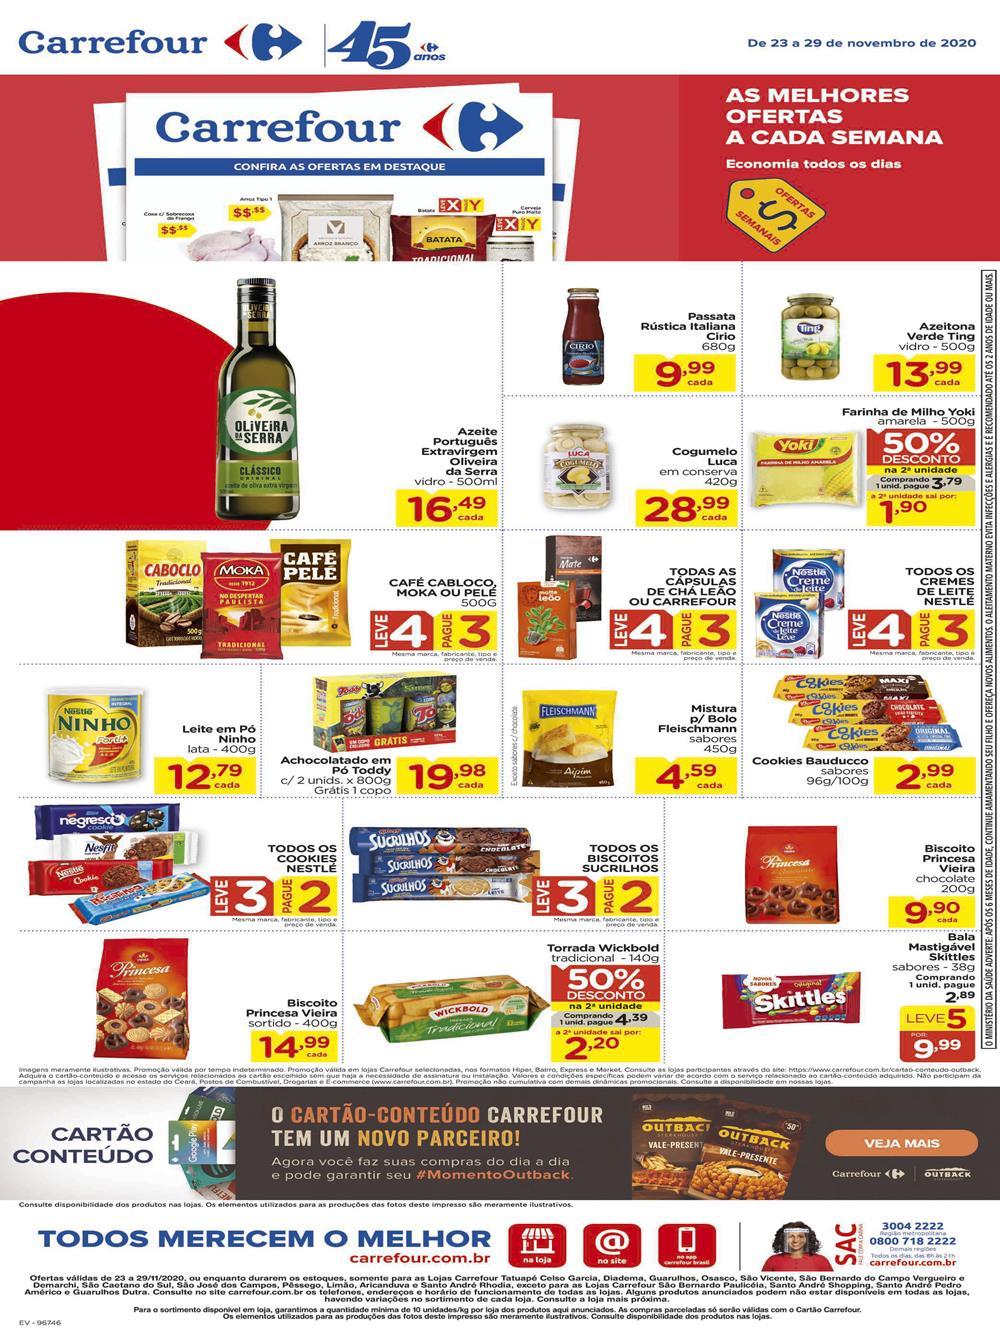 carrefour-ofertas-descontos-hoje4-4 Carrefour até 29/11